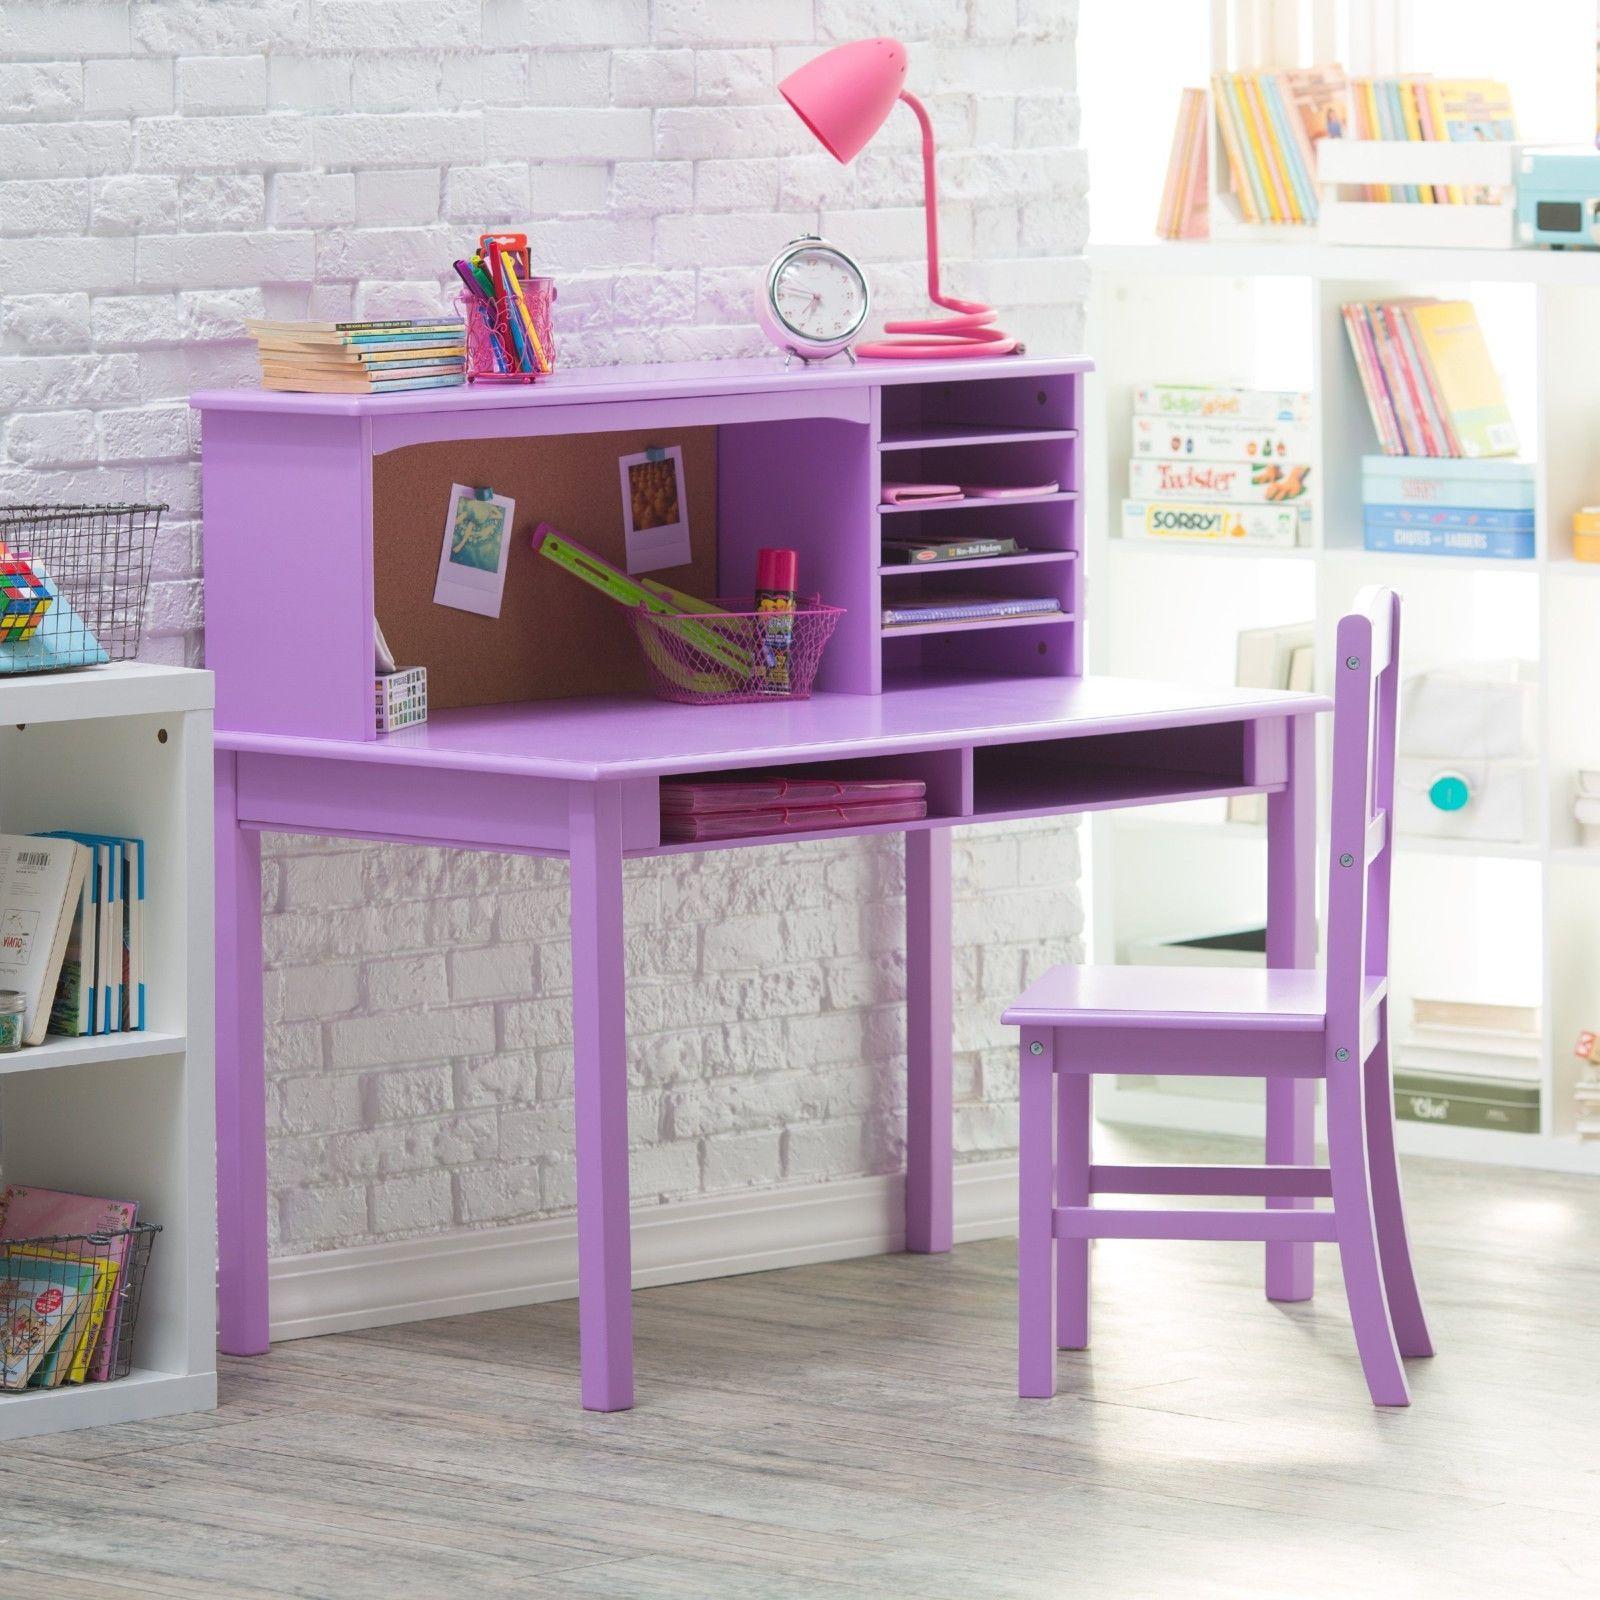 Corner Desks for Kids Diy Wall Mounted Desk Check more